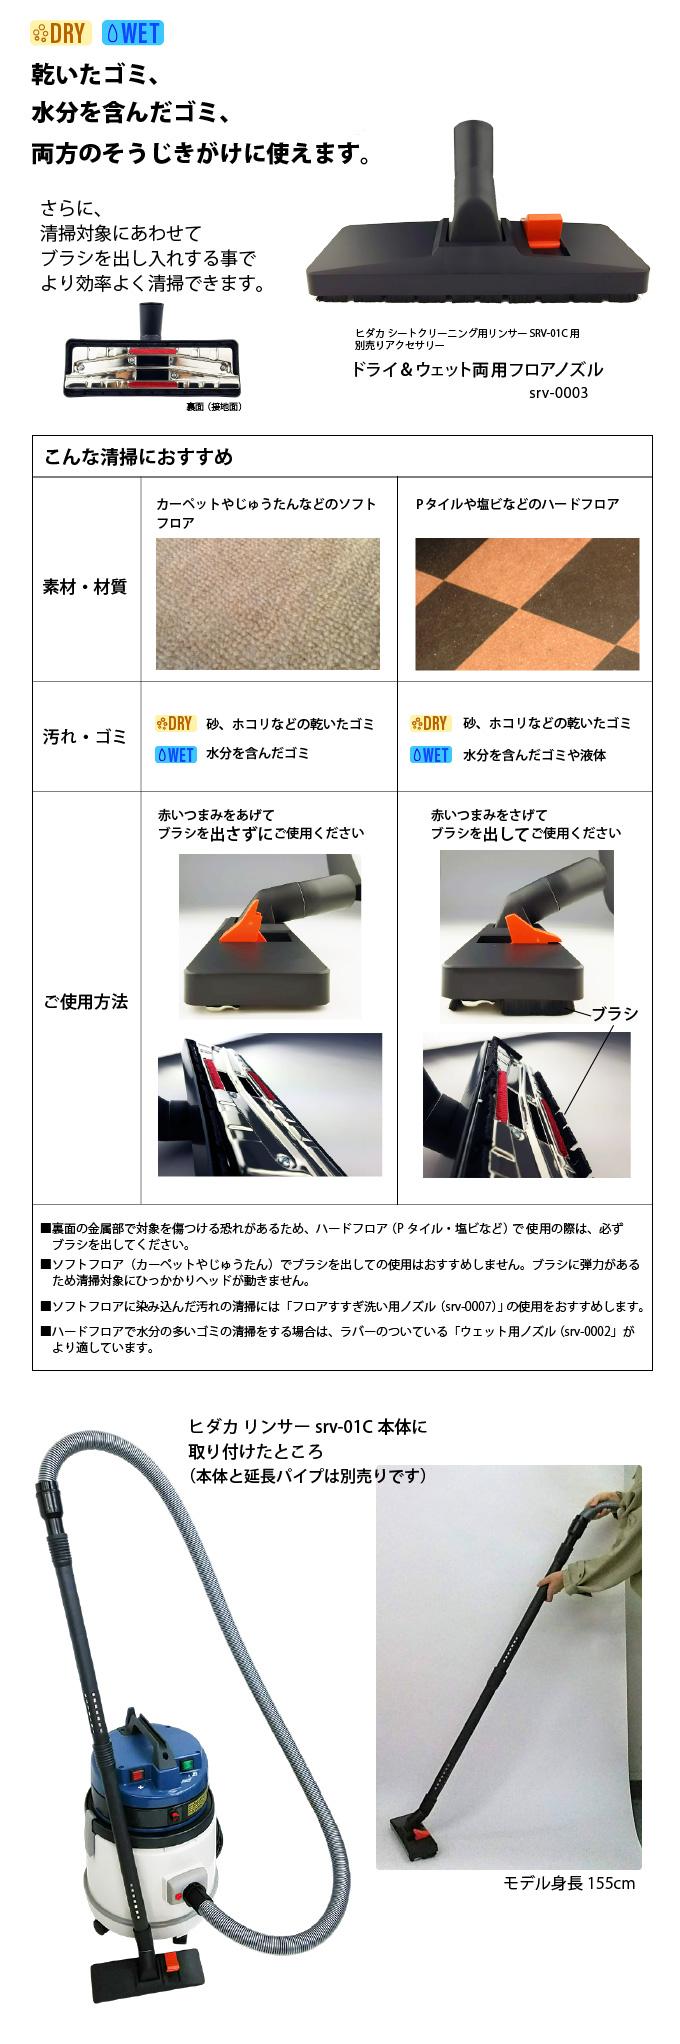 ドライ&ウェット両用(乾式&湿式)フロアノズル